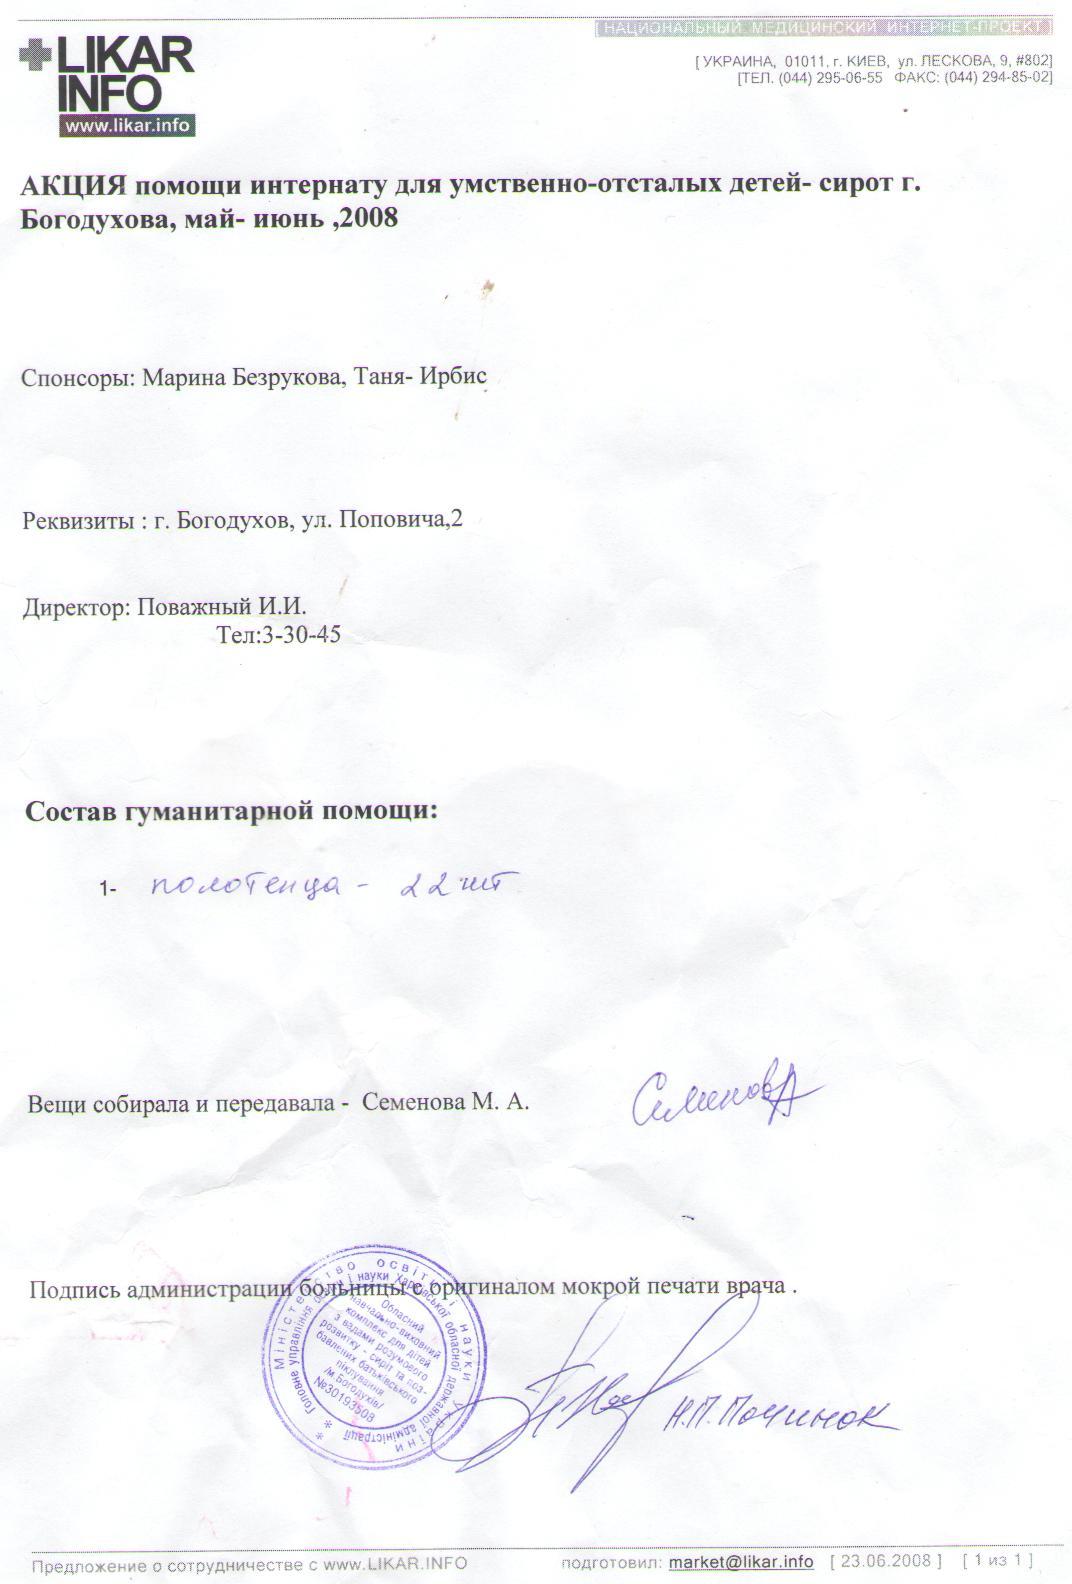 Отчет о посещении Интерната для умственно-отсталых детей г. Богодухова, лето 2008 - изображение №7